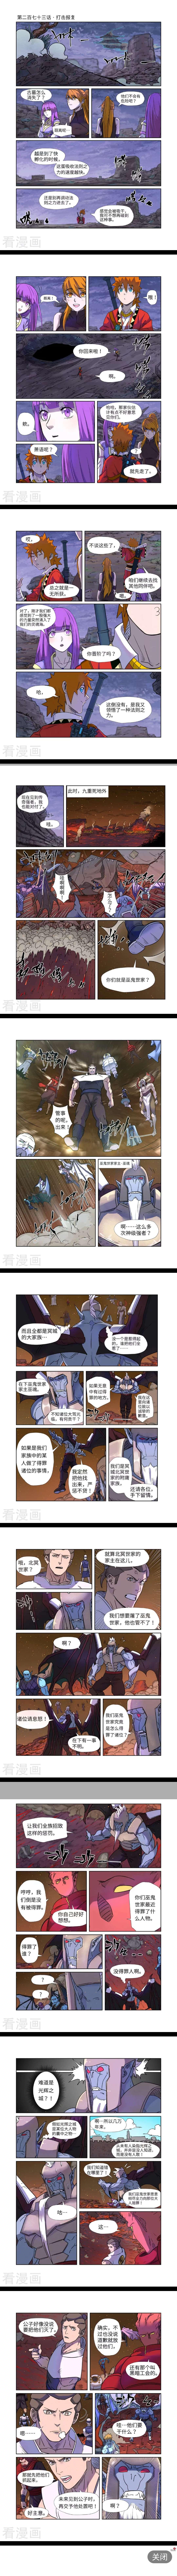 【漫画】妖神记,哔咔acg下载-小柚妹站